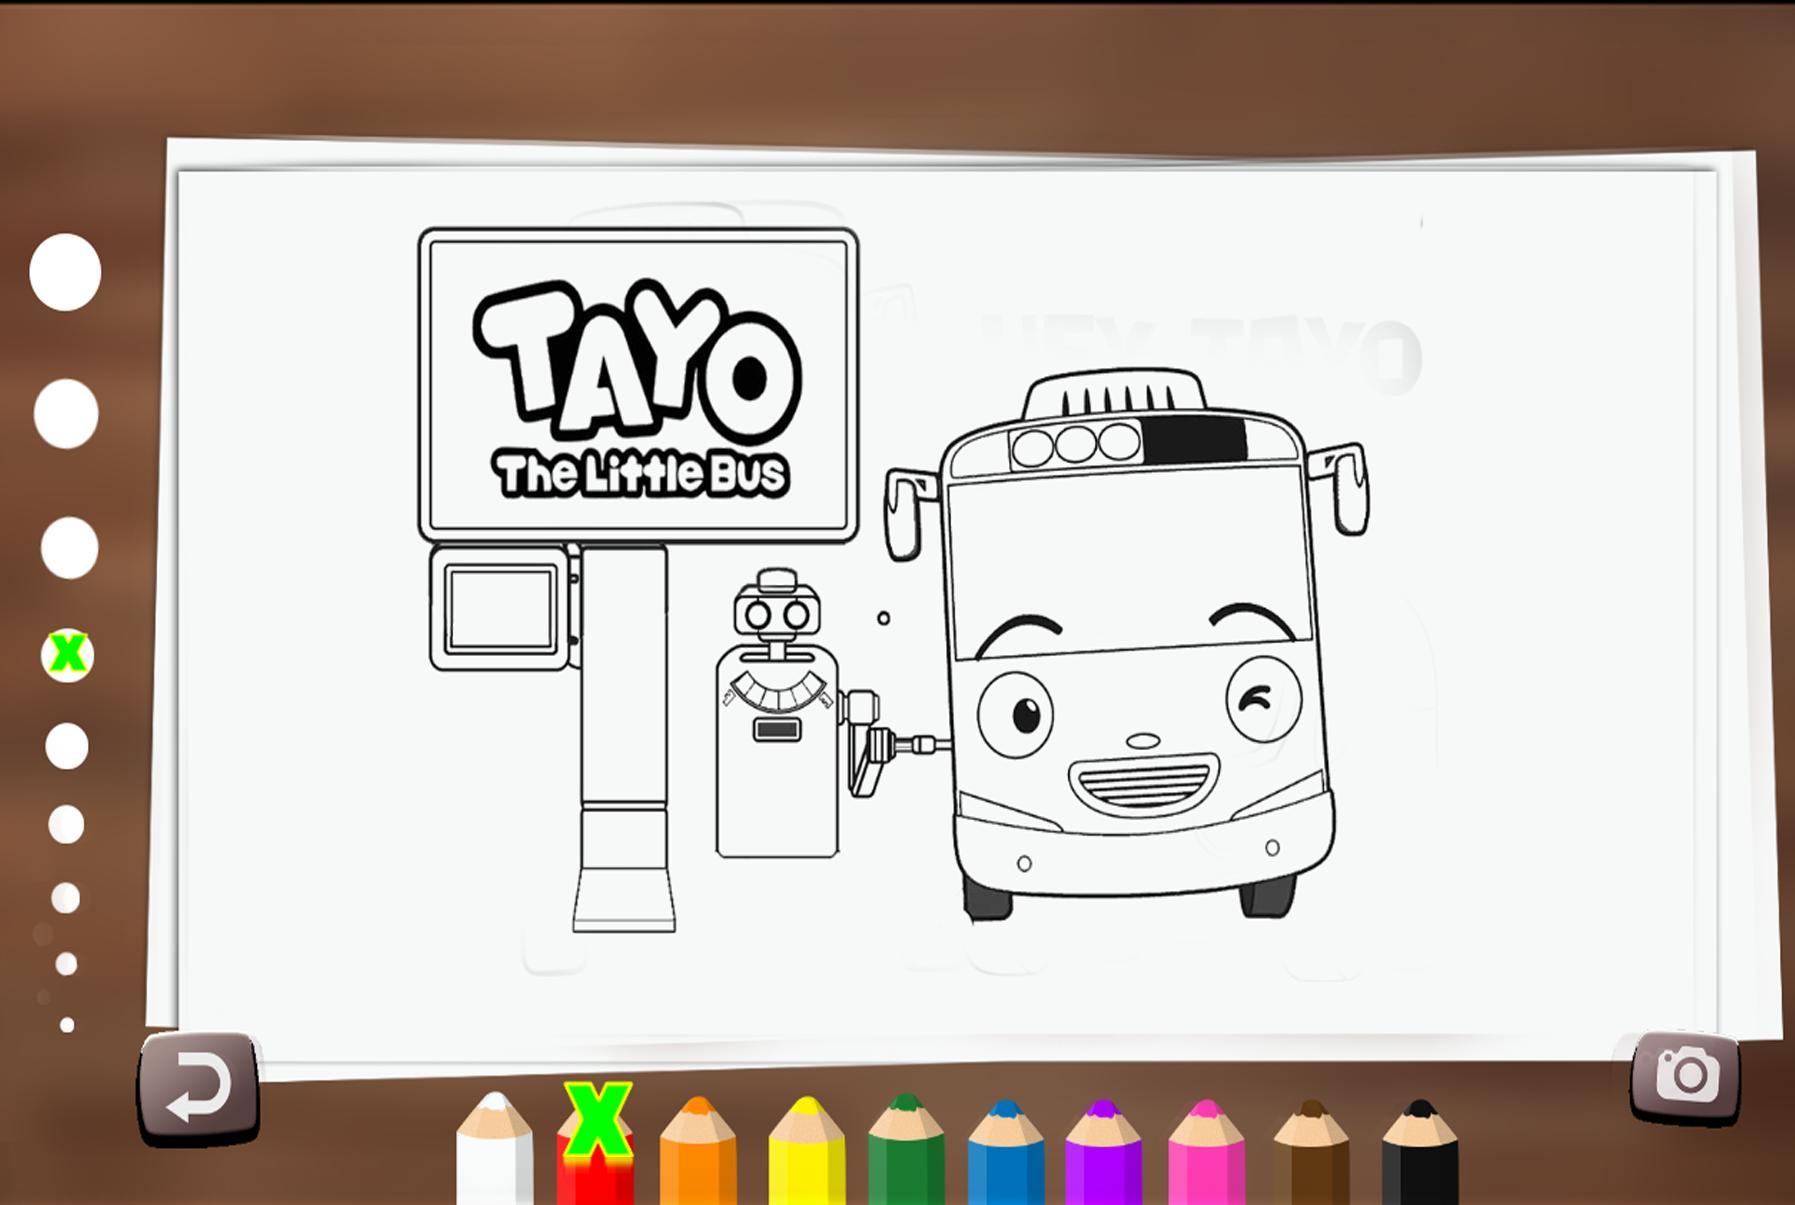 73 Gambar Mewarnai Tayo The Little Bus Paling Keren